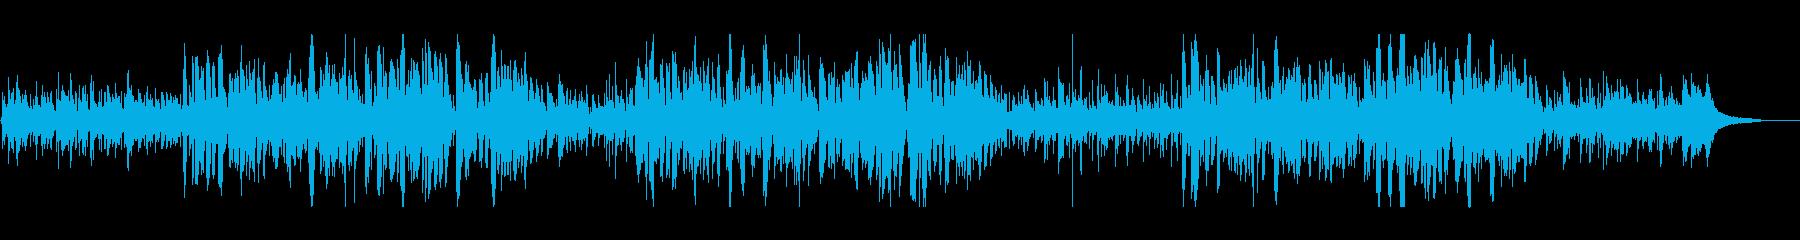 ボサノバジャズのおしゃれクリスマス曲の再生済みの波形